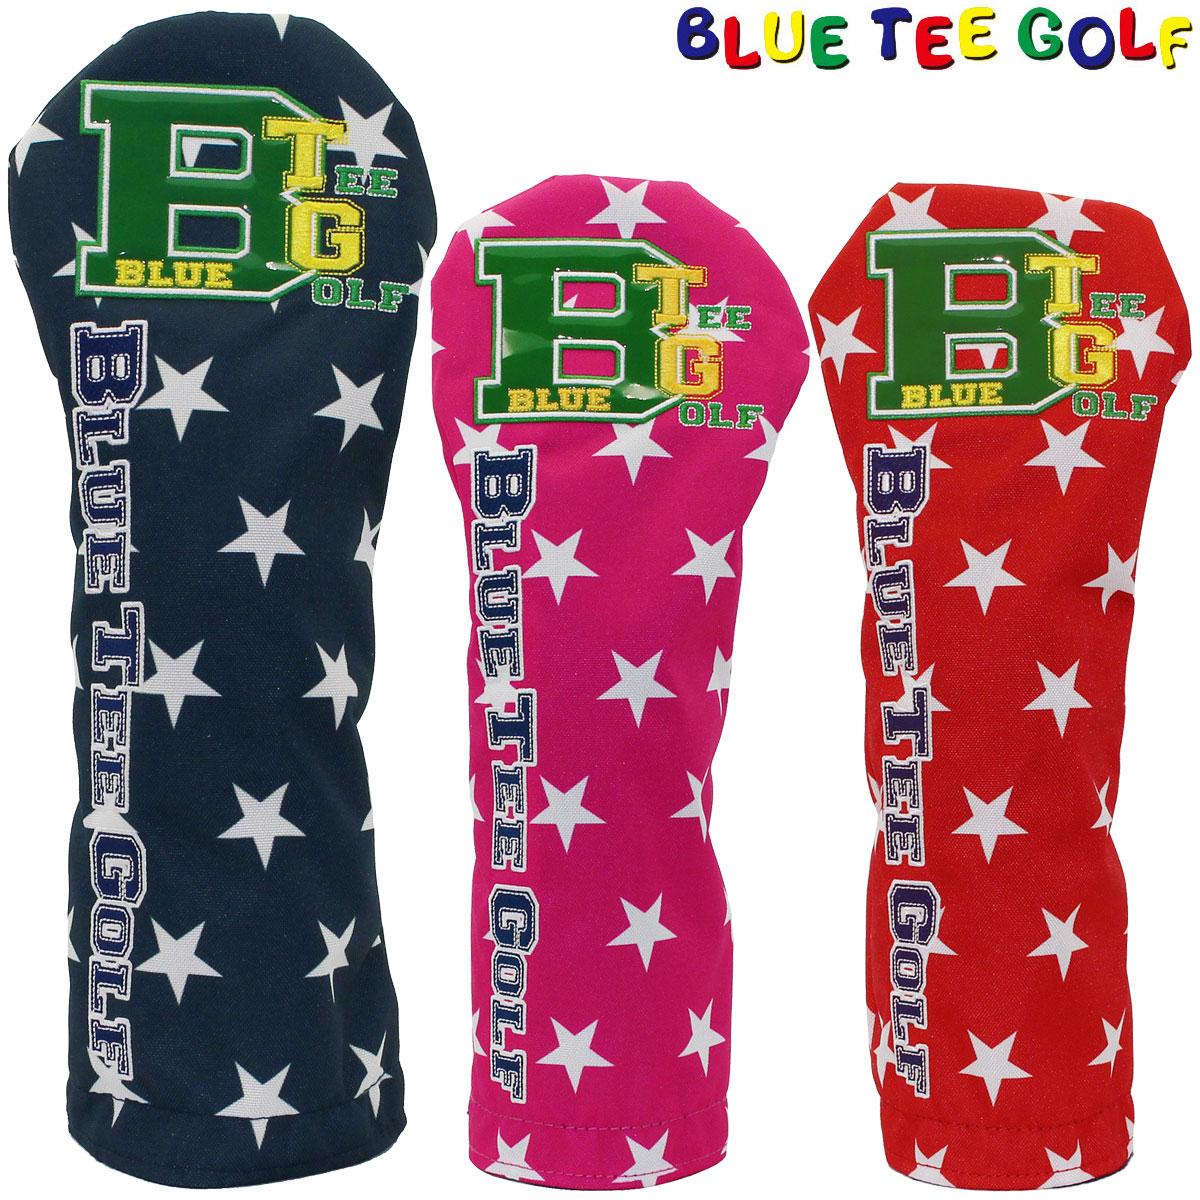 本気で遊ぶゴルフギア BLUE TEE GOLF ブルーティーゴルフ 限定タイムセール 日本正規品 ヘッドカバー ナイロン ドライバー用ヘッドカバー お洒落 DR用 スター HC-019